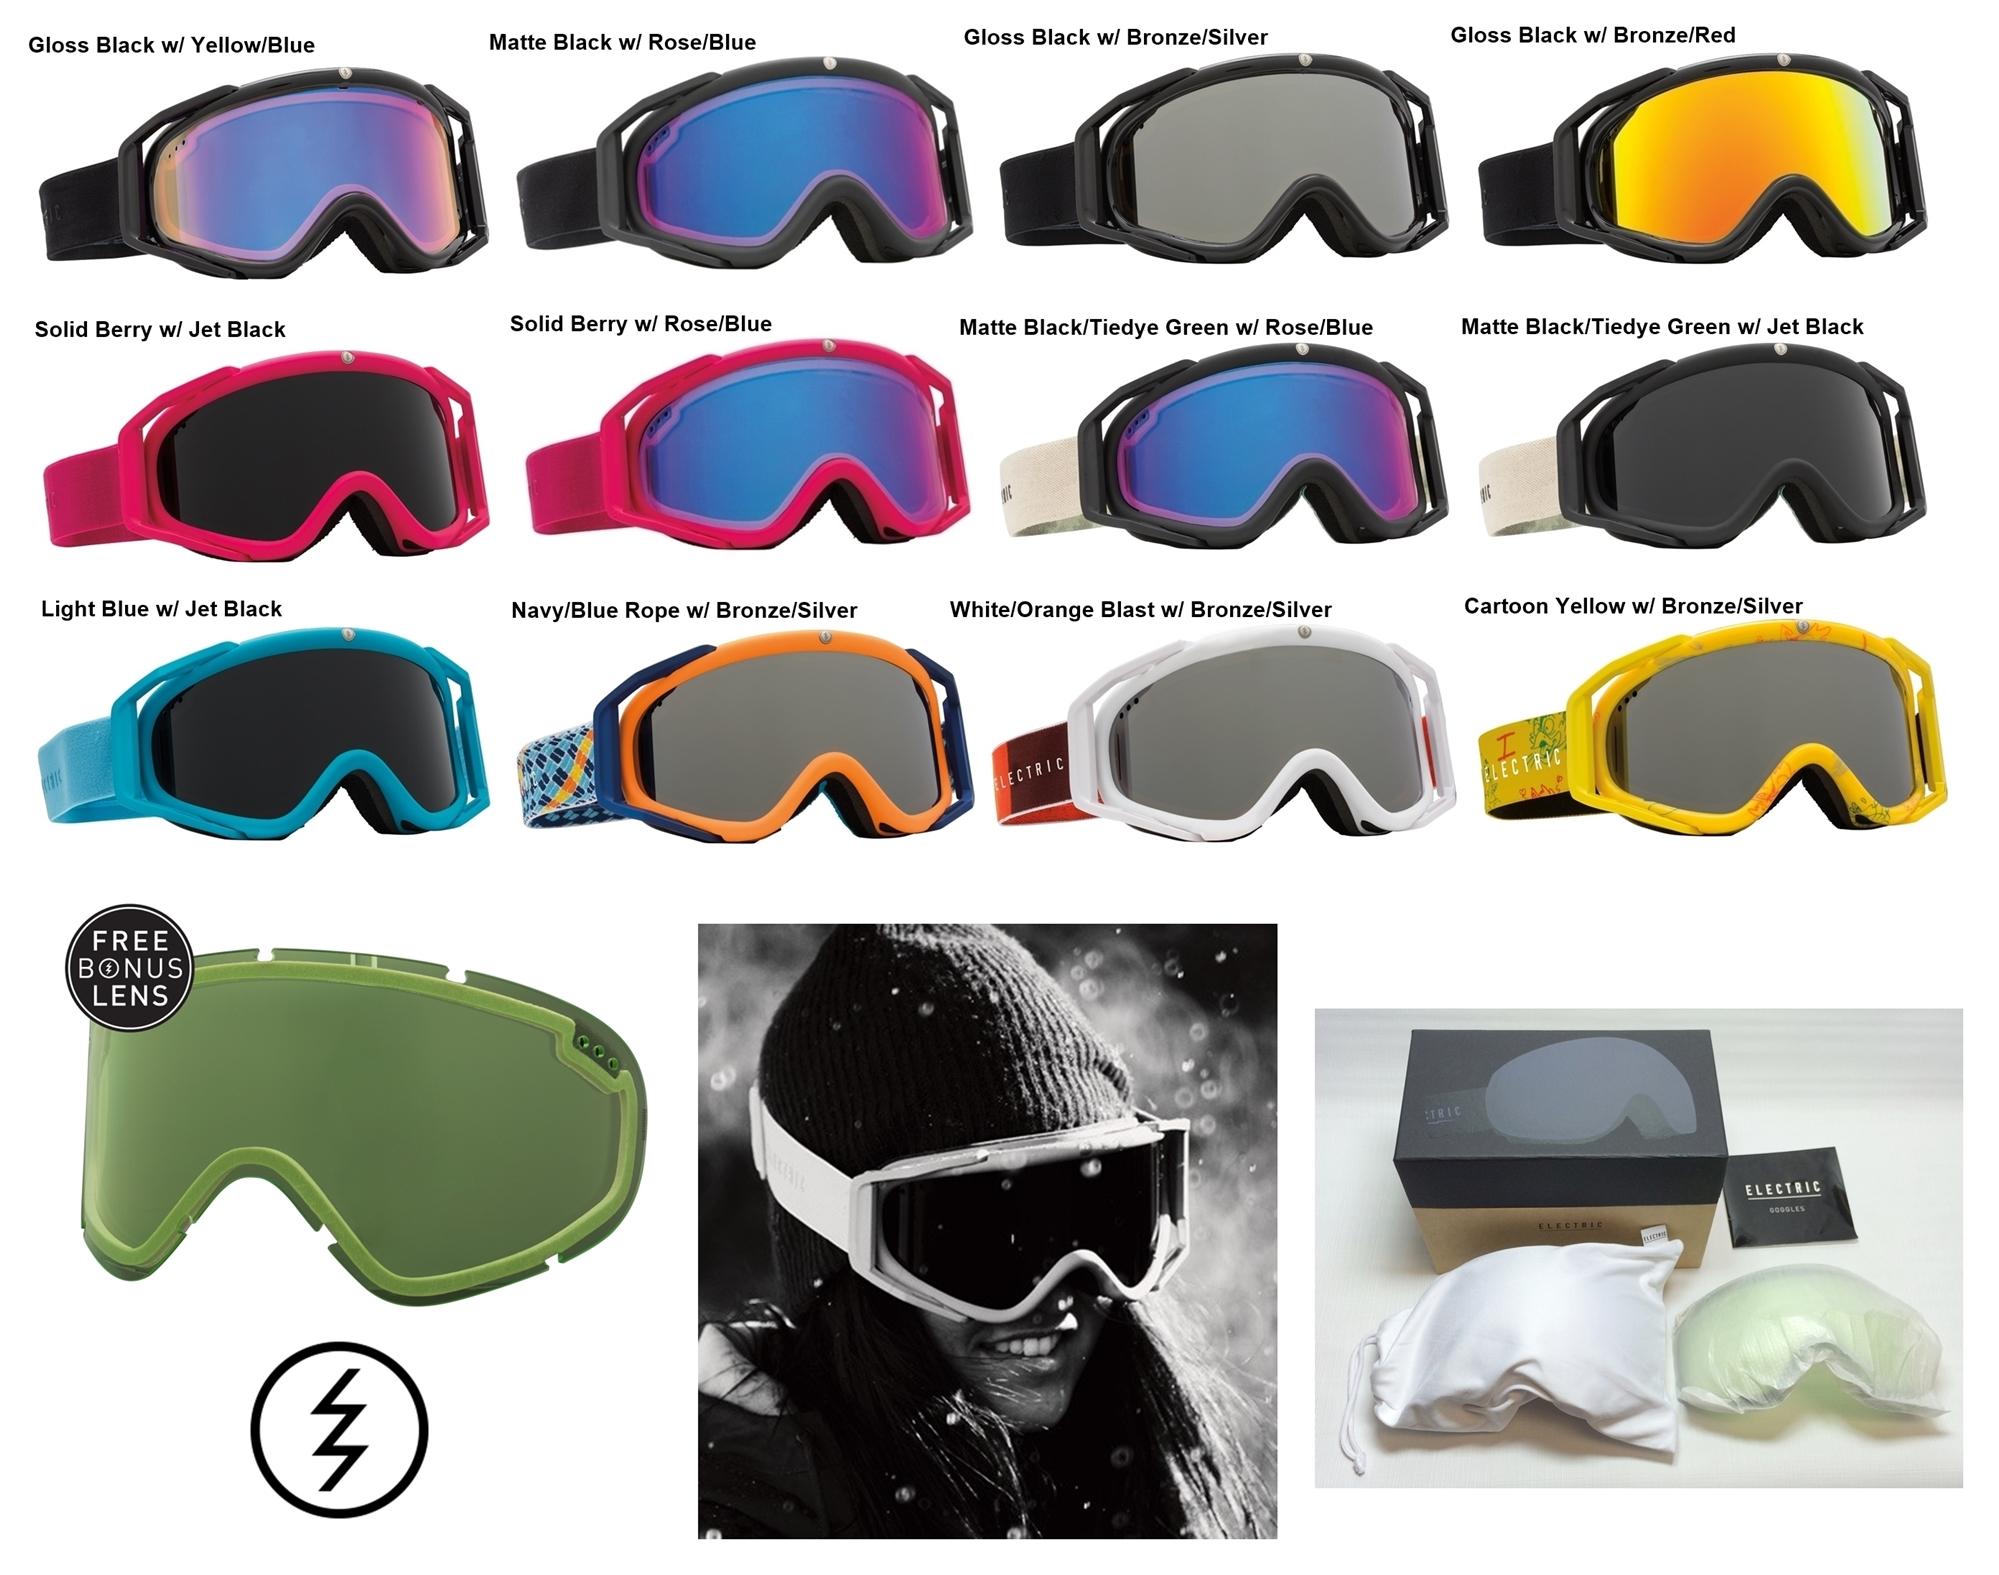 d5cfe37544c7 NEW Electric Rig.5 mens womens ski snowboard goggles + lens Msrp 160 ...